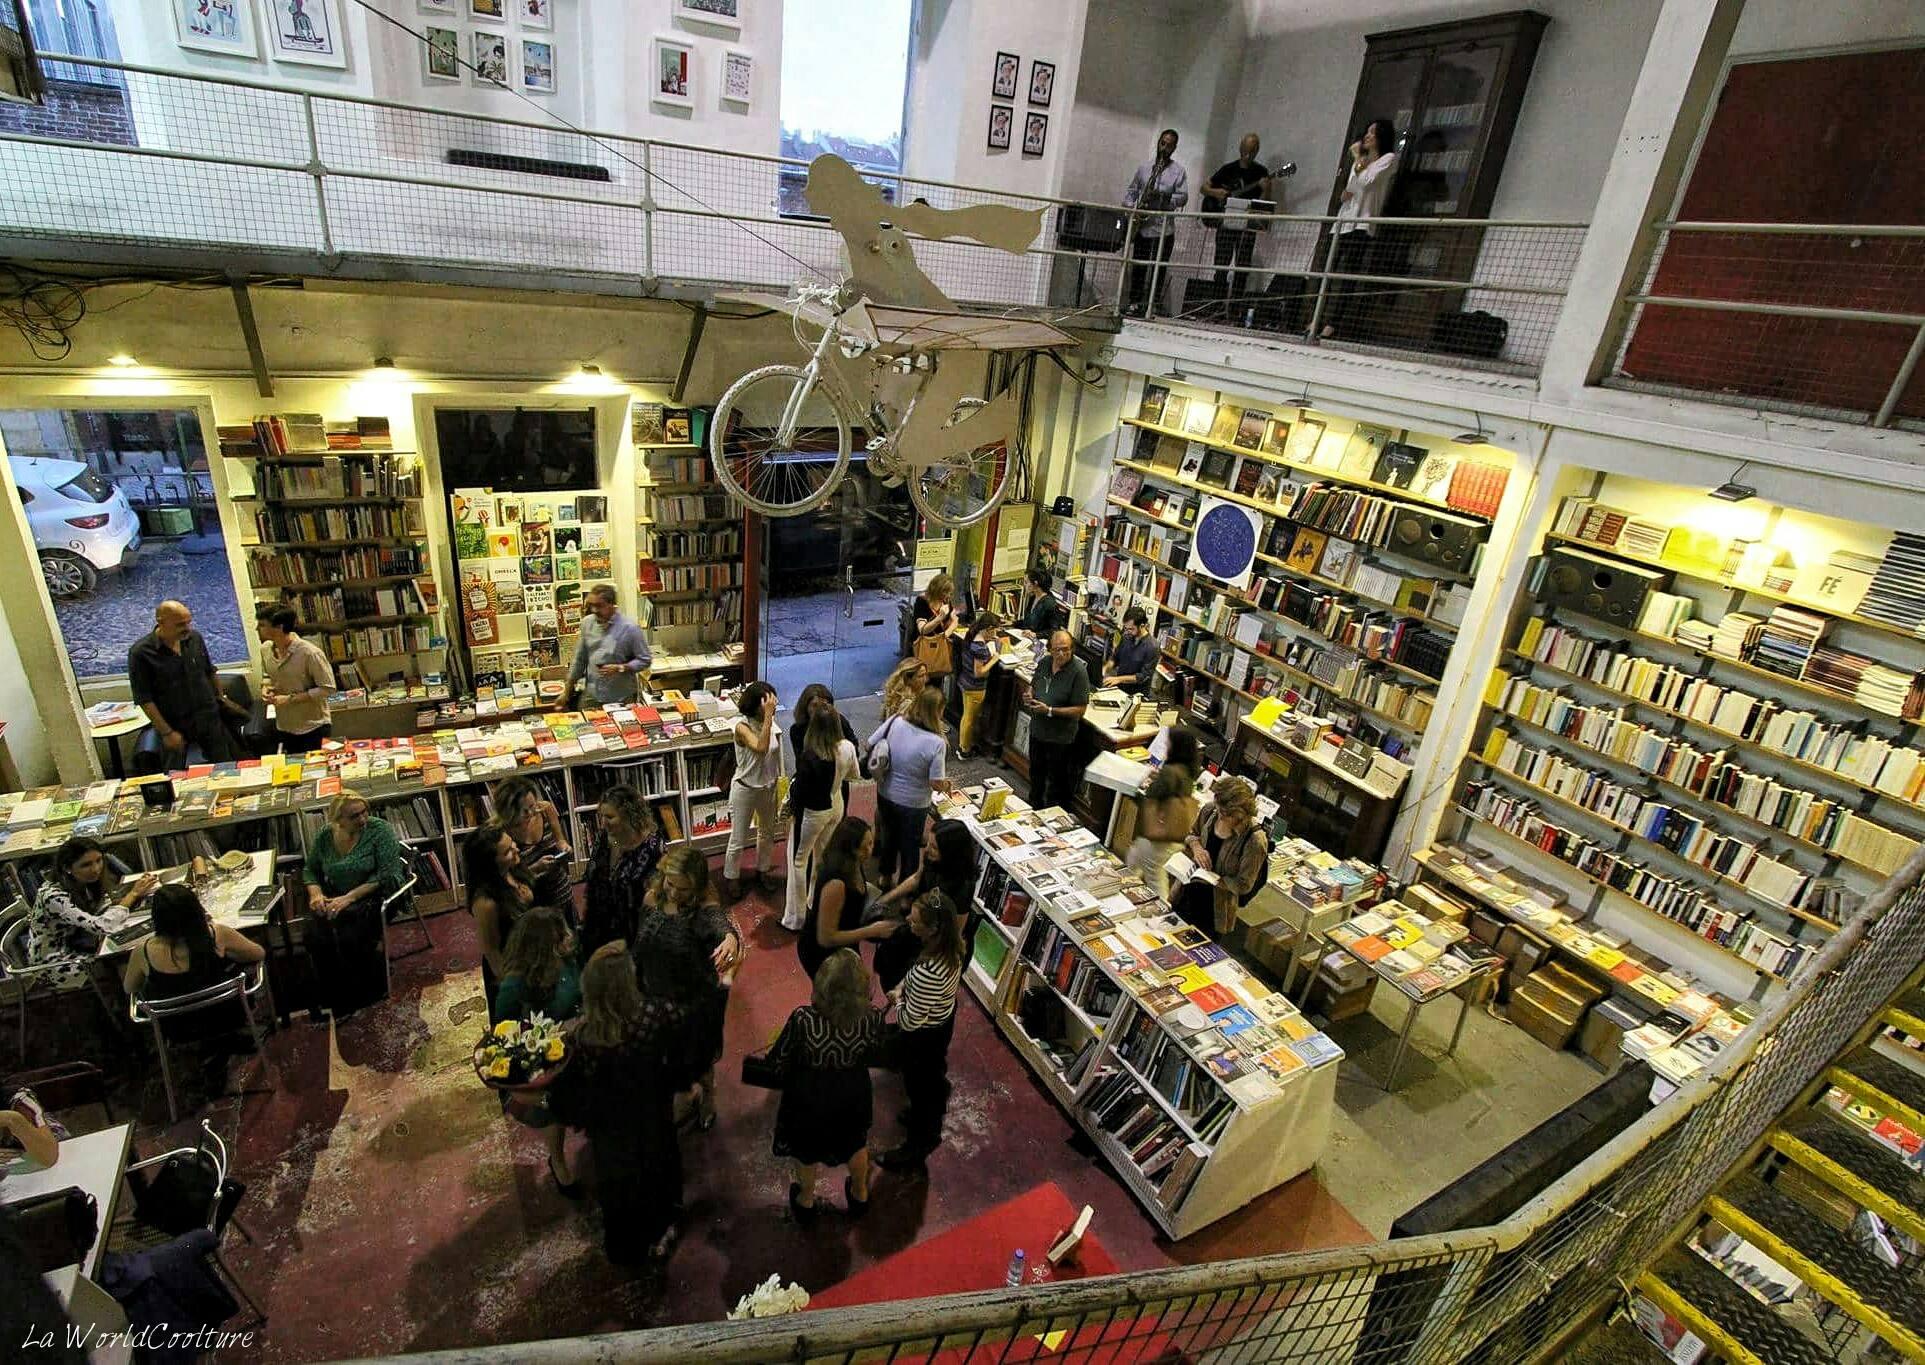 Librairie-Ler-Devagar-Lx-Factory-Lisbonne